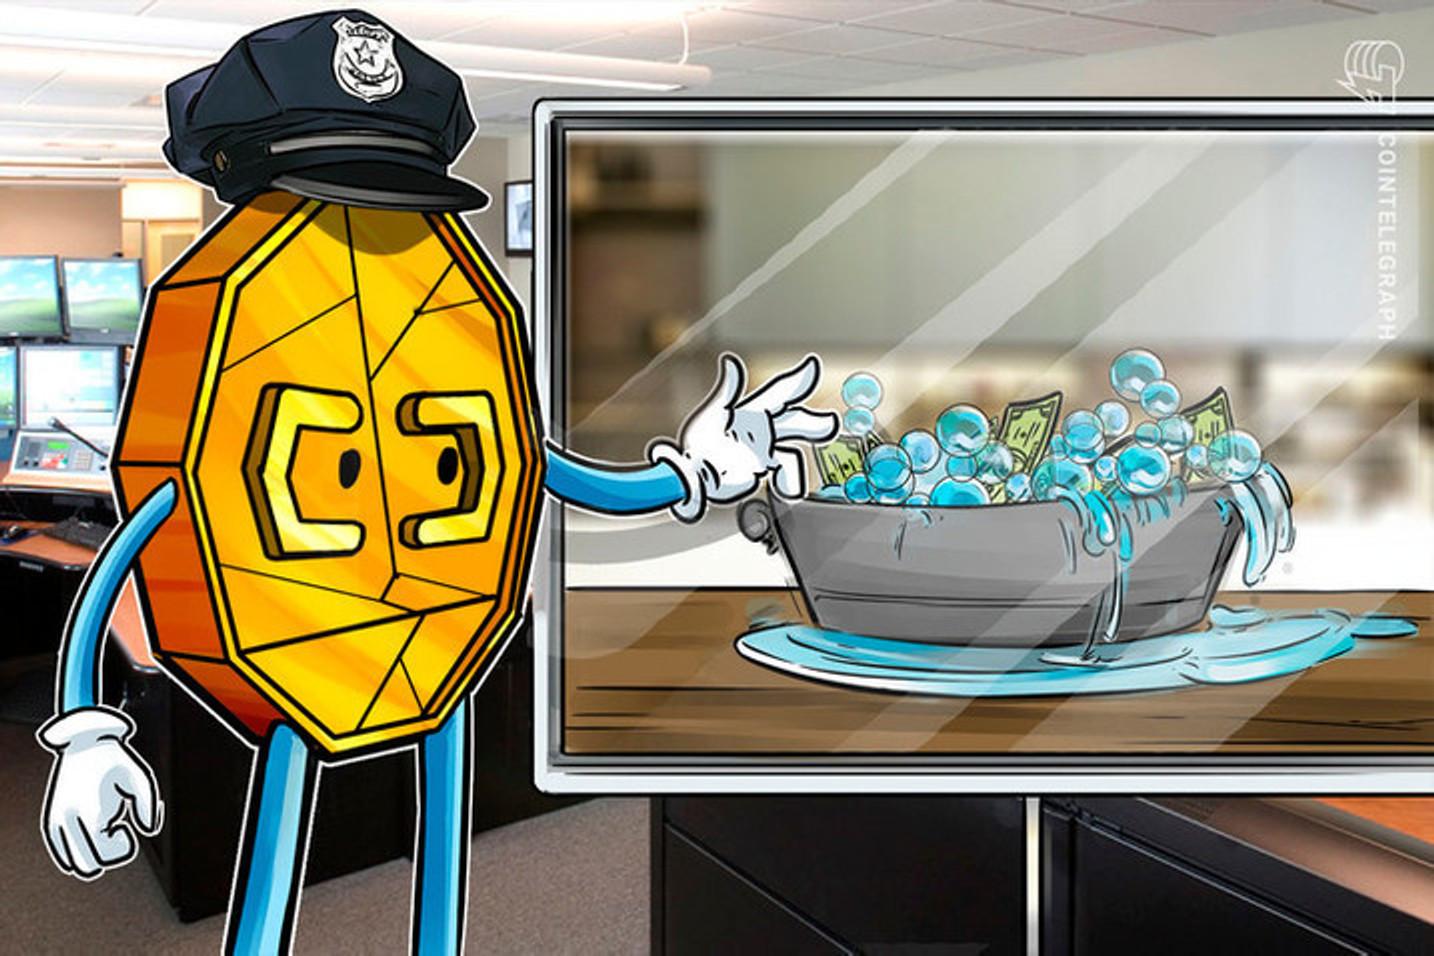 """'Trabalhamos com Bitcoin mas não sabemos da onde veio esse dinheiro"""" diz casal preso com R$ 7 milhões em notas numa mala"""